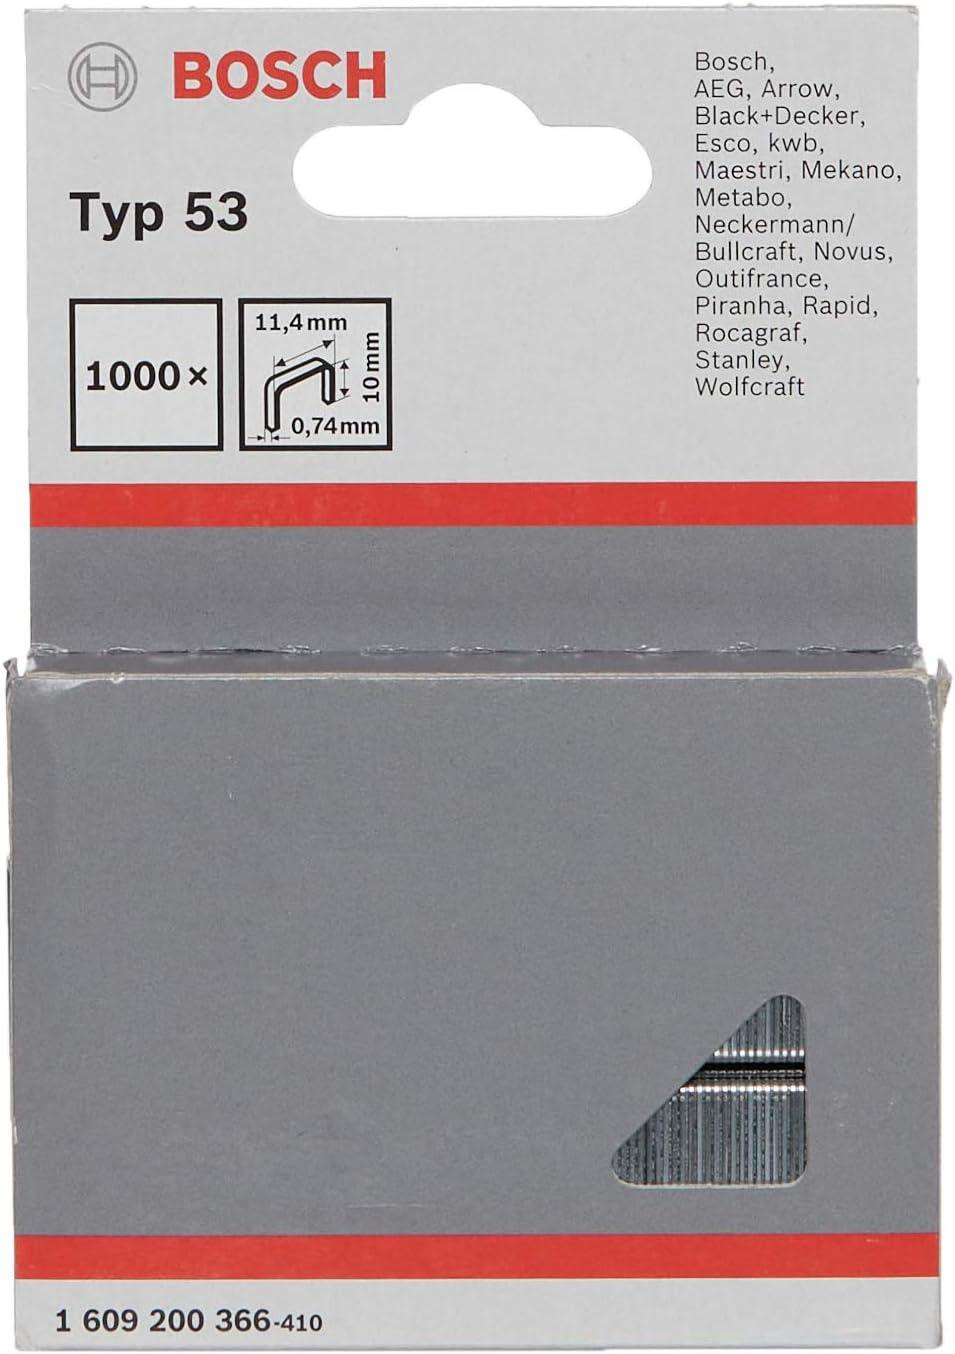 Bosch 1 609 200 366 - Pack de 1000 grapas de alambre fino tipo 53 (11,4 x 0,74 x 10 mm)